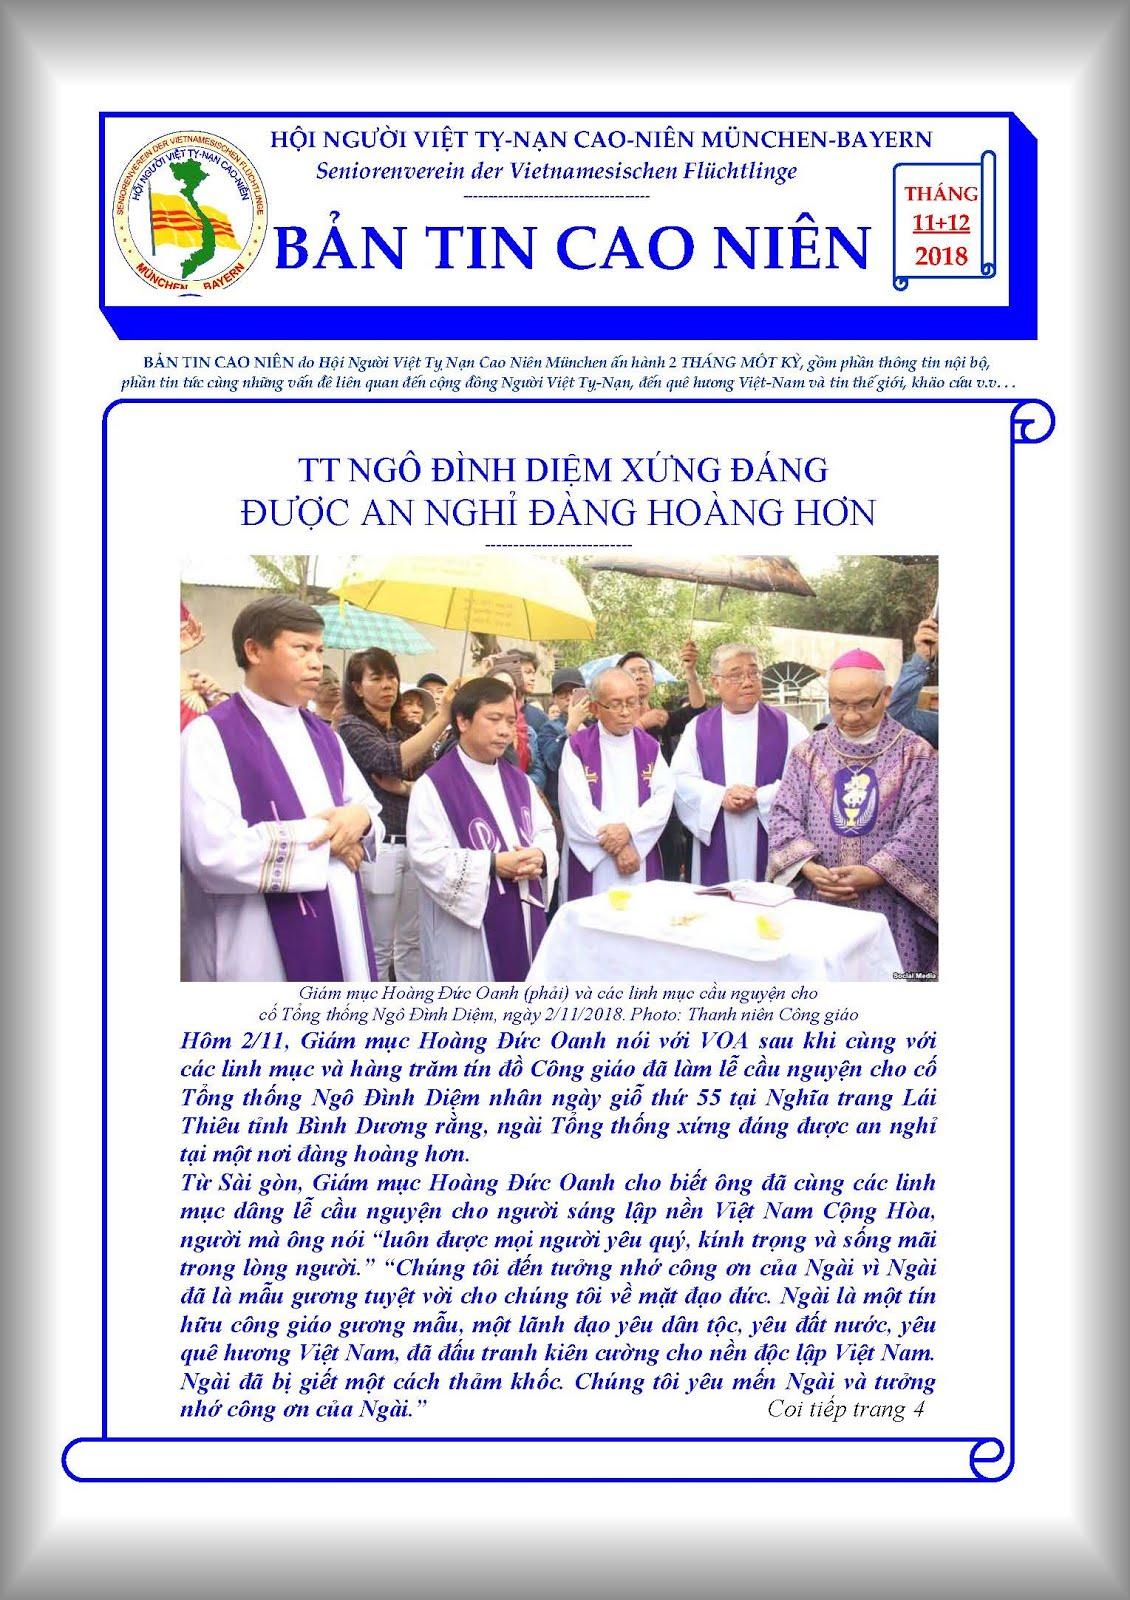 BẢN TIN CAO NIÊN 11+12.2018